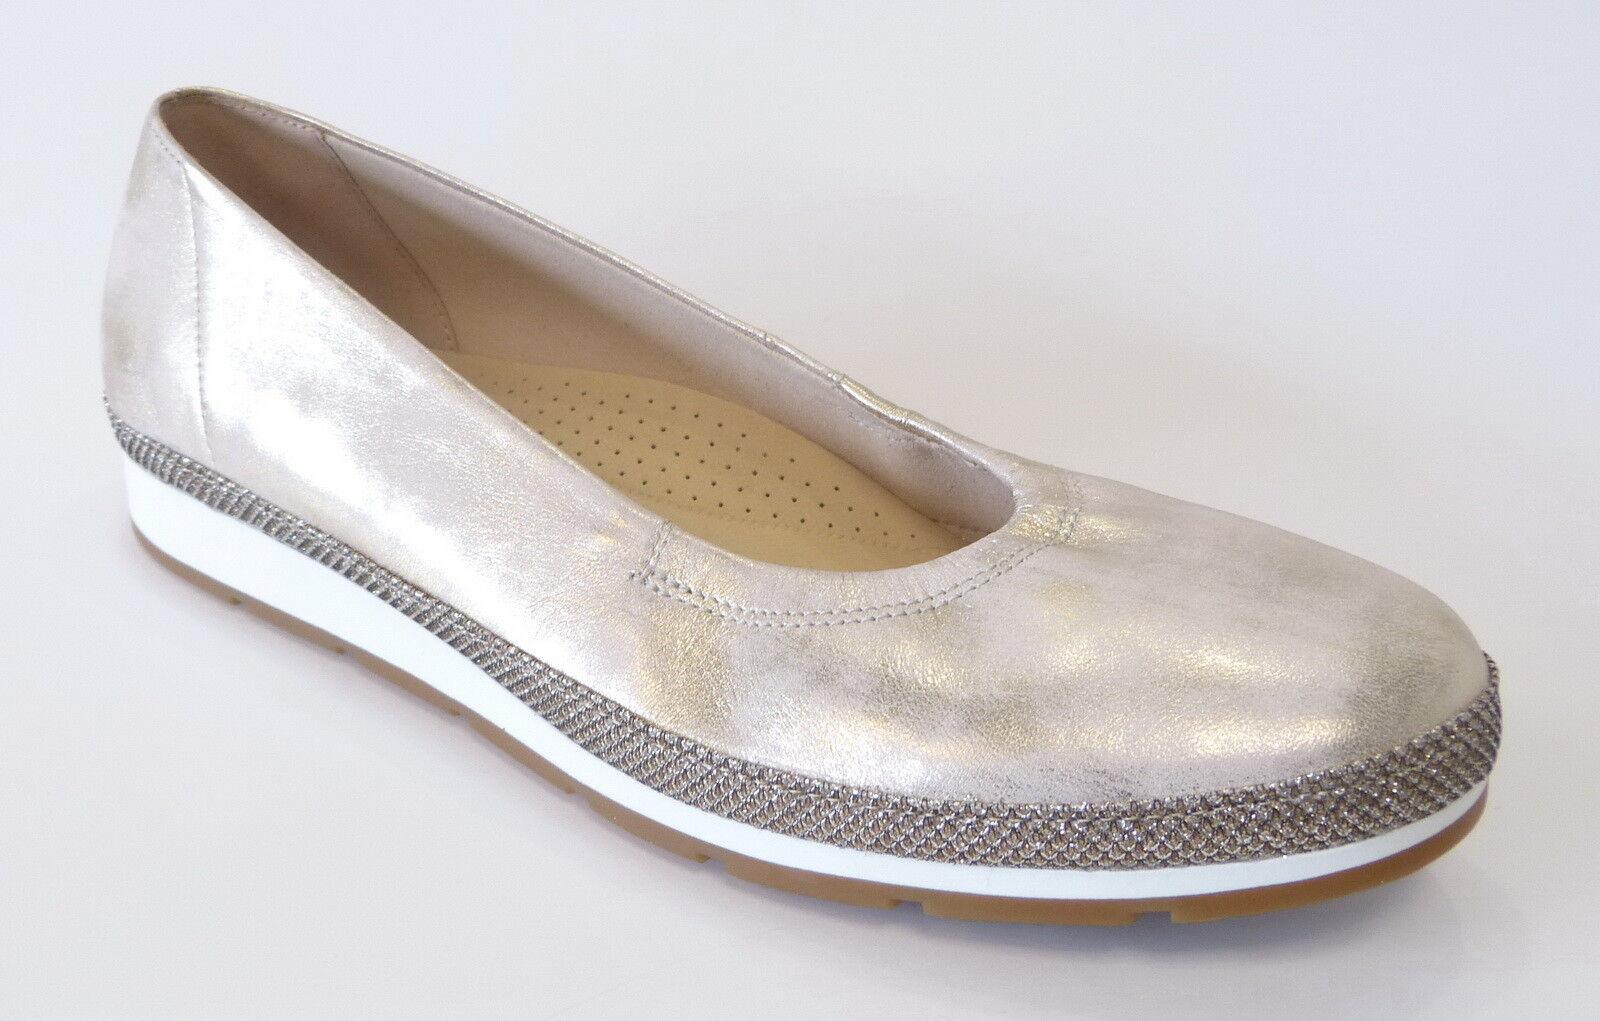 Venta de liquidación de temporada Descuento por tiempo limitado Gabor Comfort Ballerina Gummizug 400 46 Platino silber Weite G powder Metallic